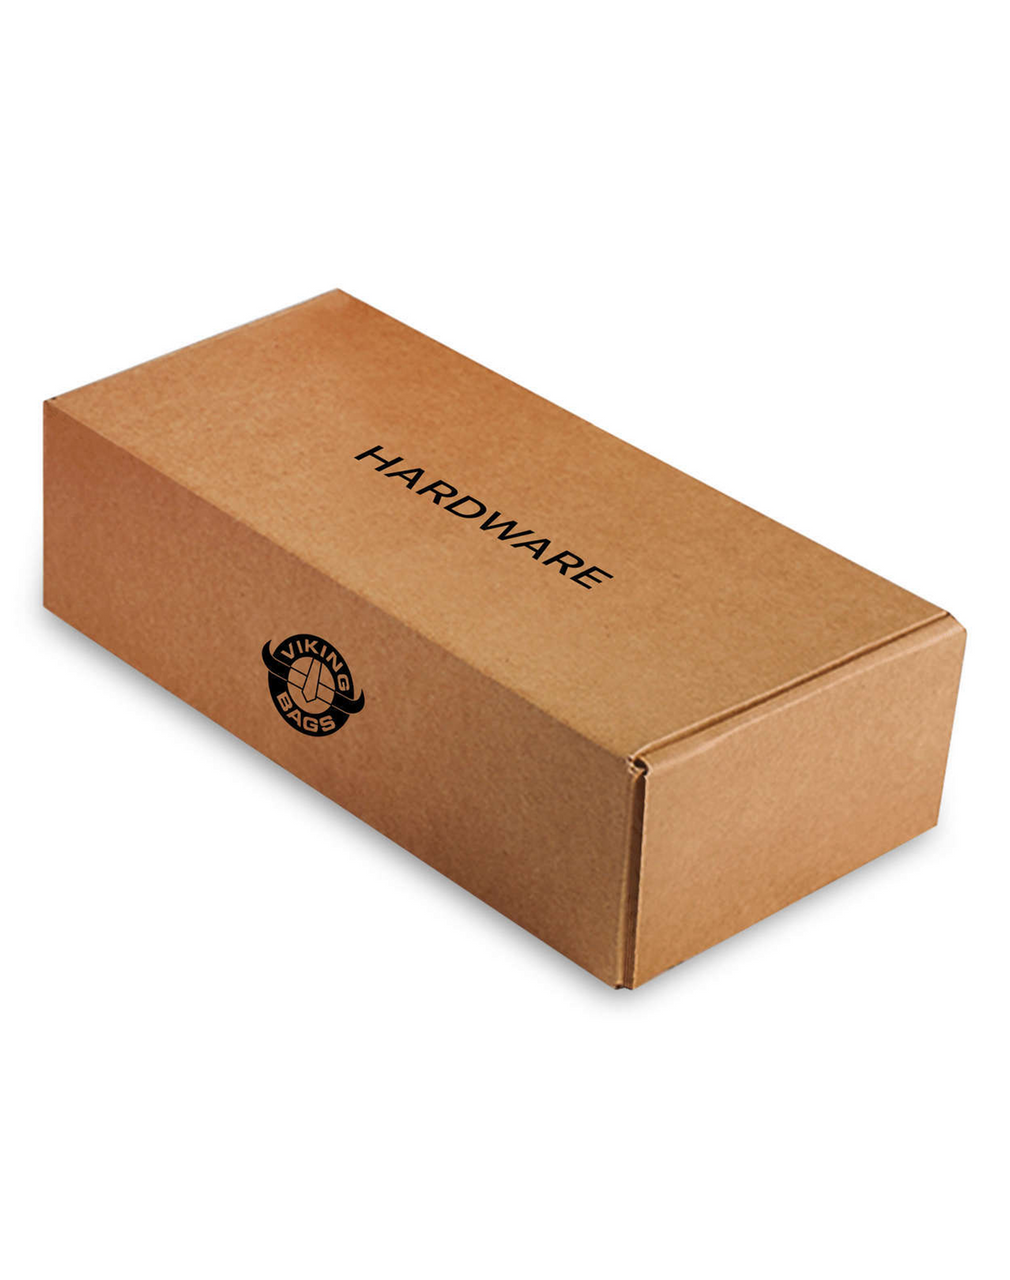 Kawasaki Vulcan S ABS Cafe Medium Charger Single Strap Motorcycle Saddlebags Hardware Box